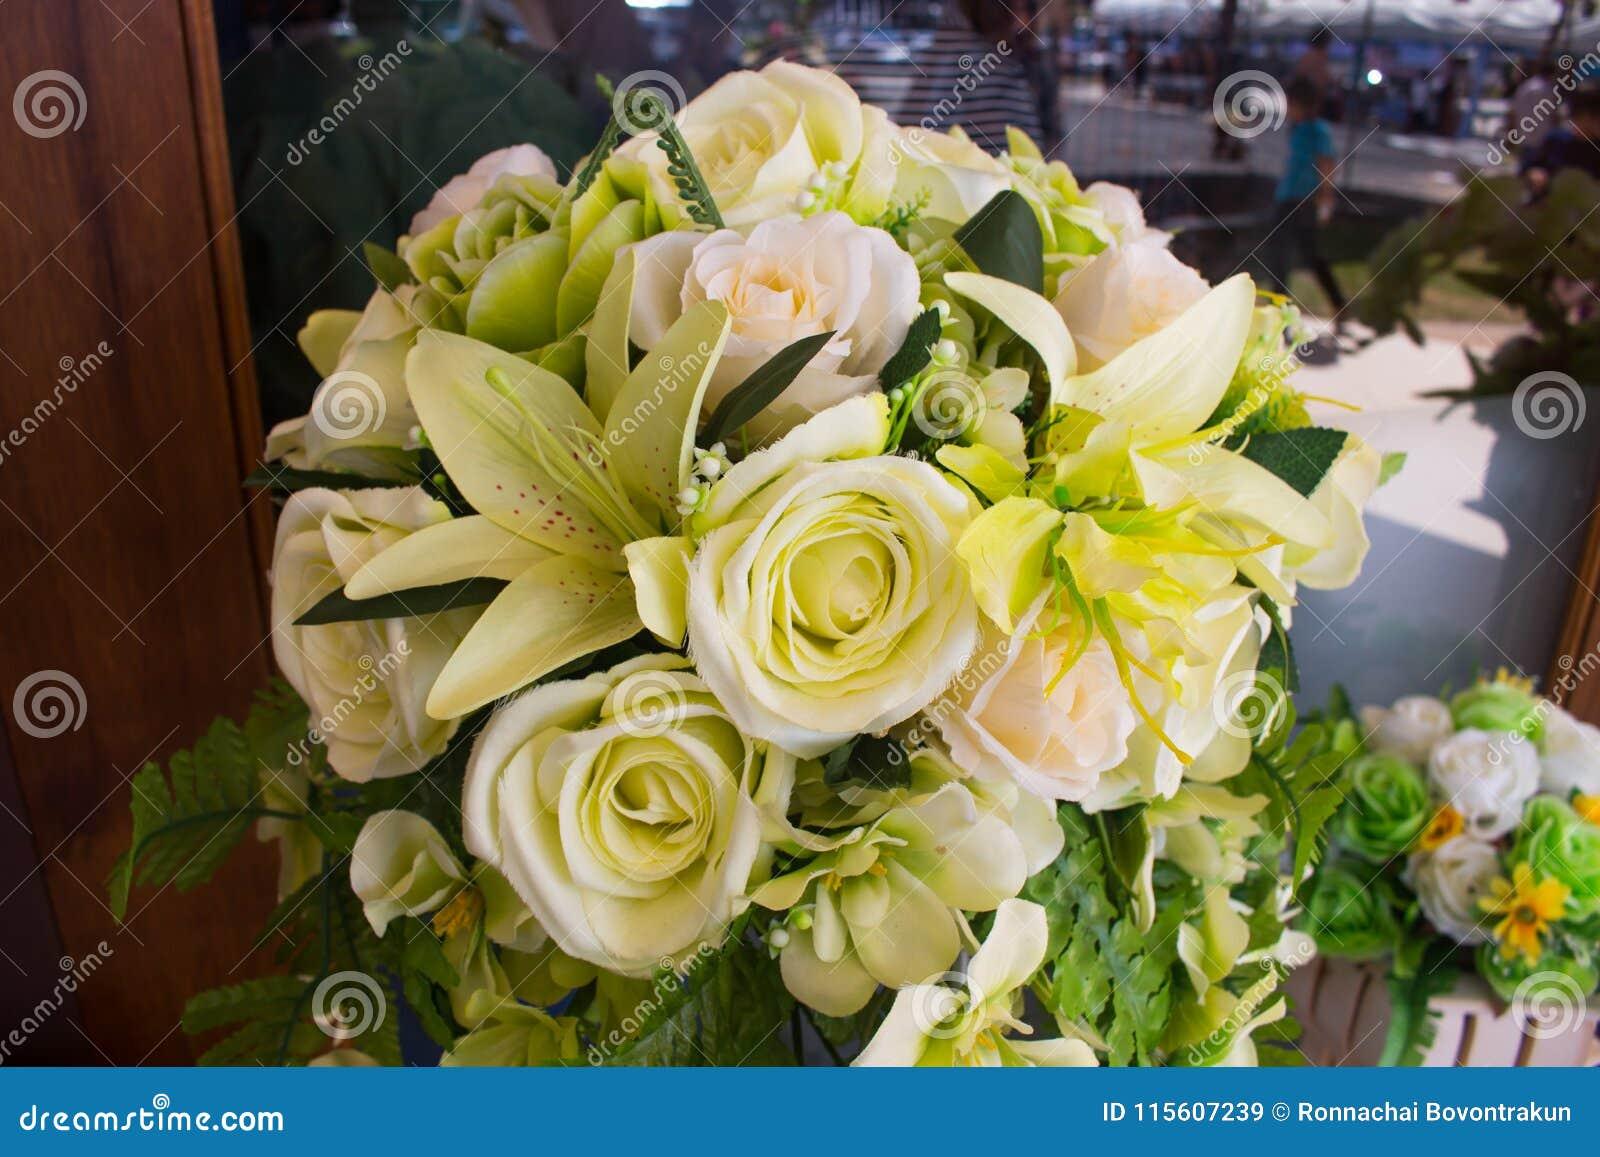 Όμορφη διακόσμηση στο γαμήλιο πίνακα με τα τριαντάφυλλα στην ανθοδέσμη